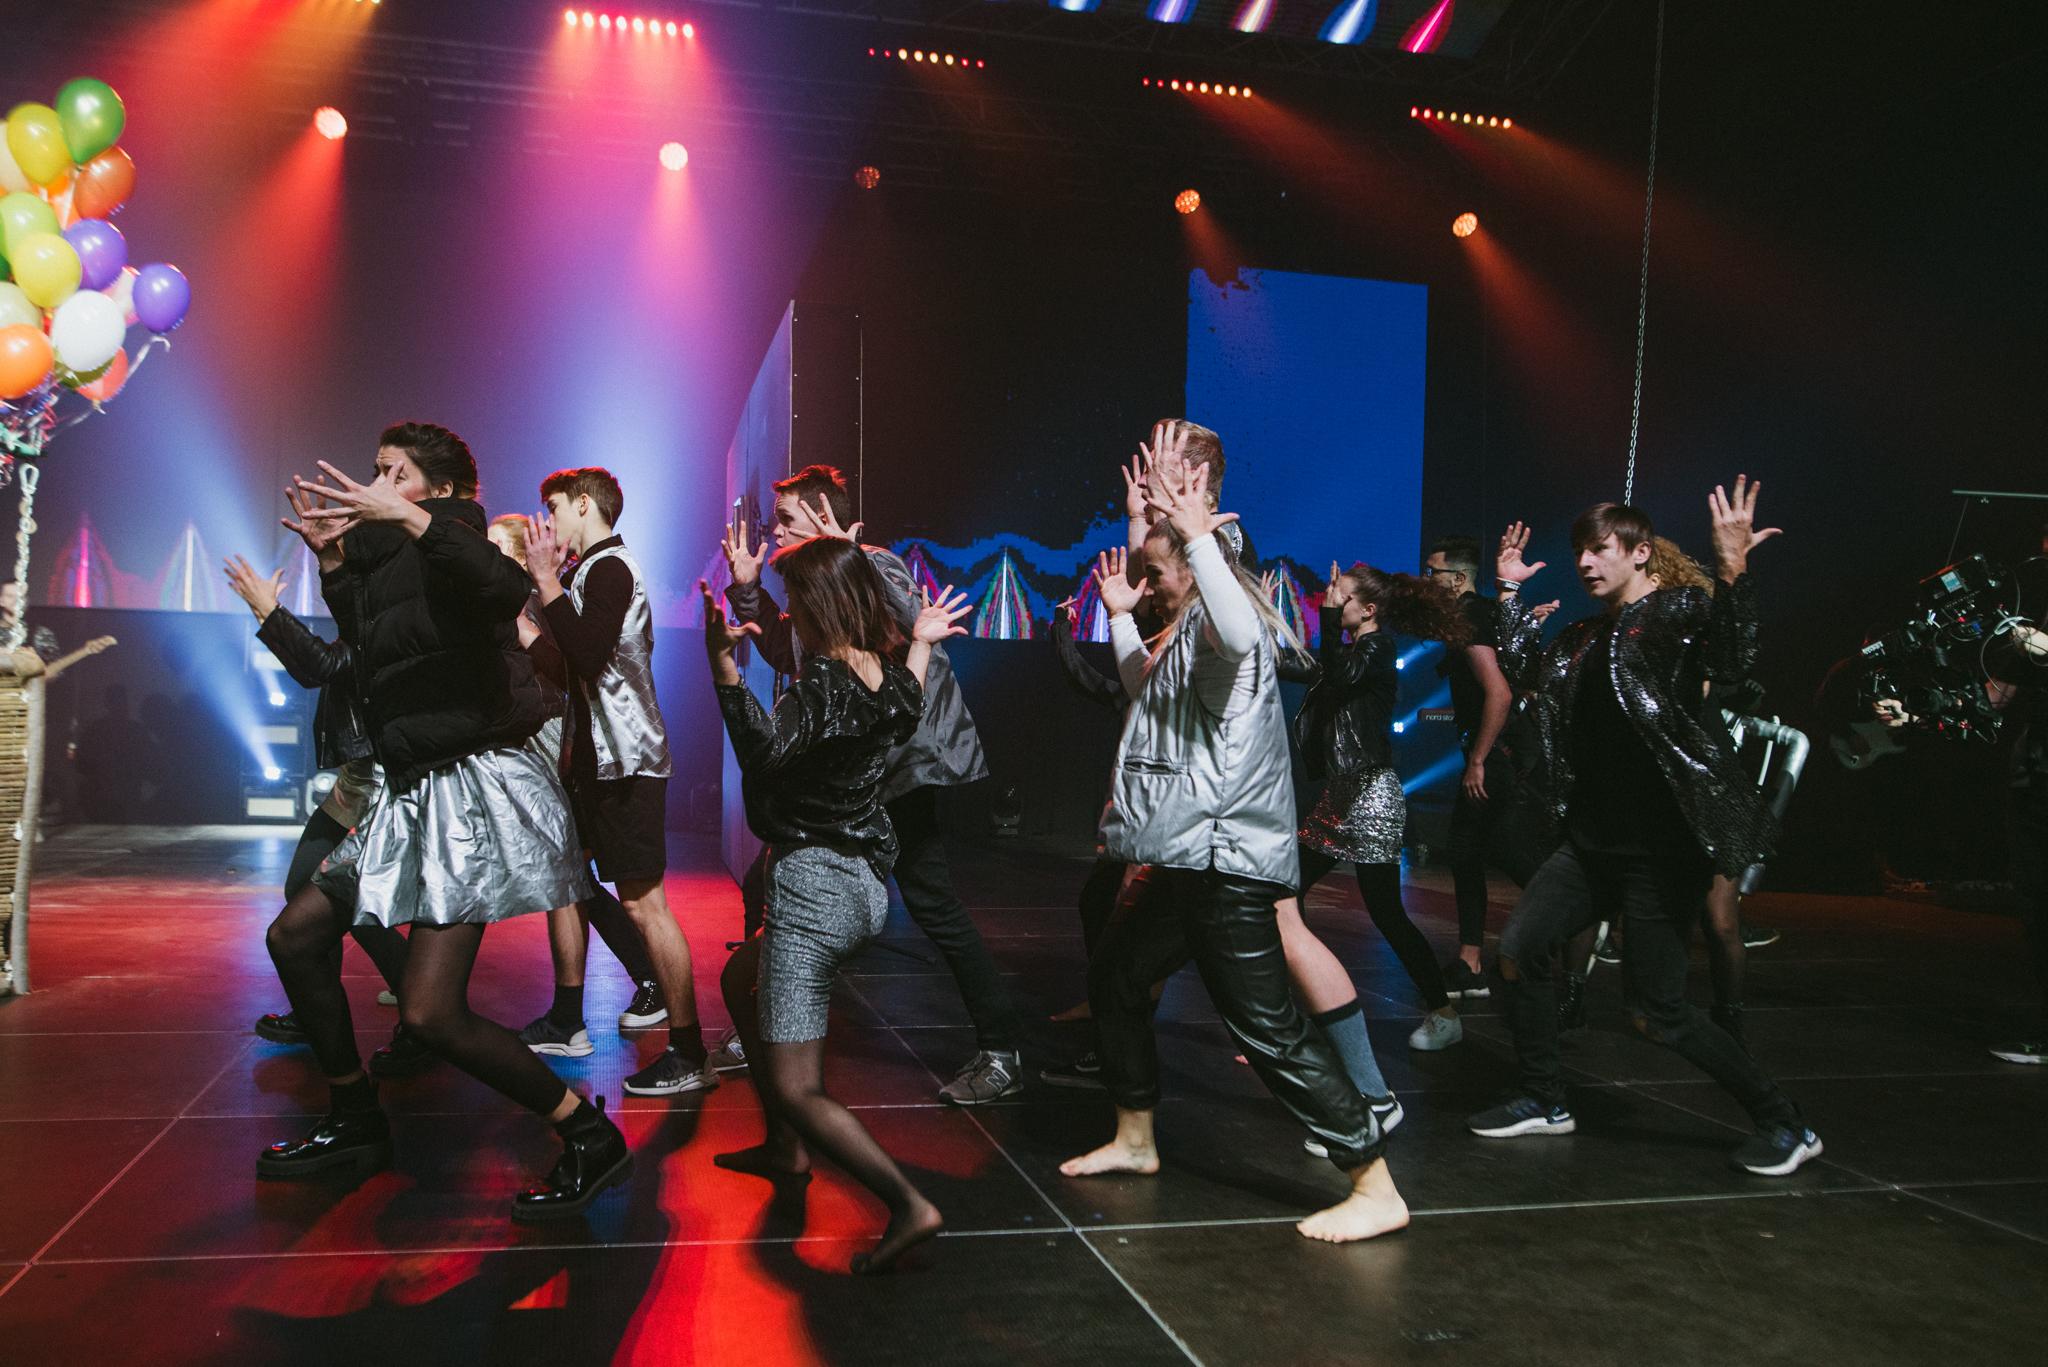 Premiéra koncertného filmu ku Godzone tour 2020 – TO, na čom záleží už o 3 týždne!